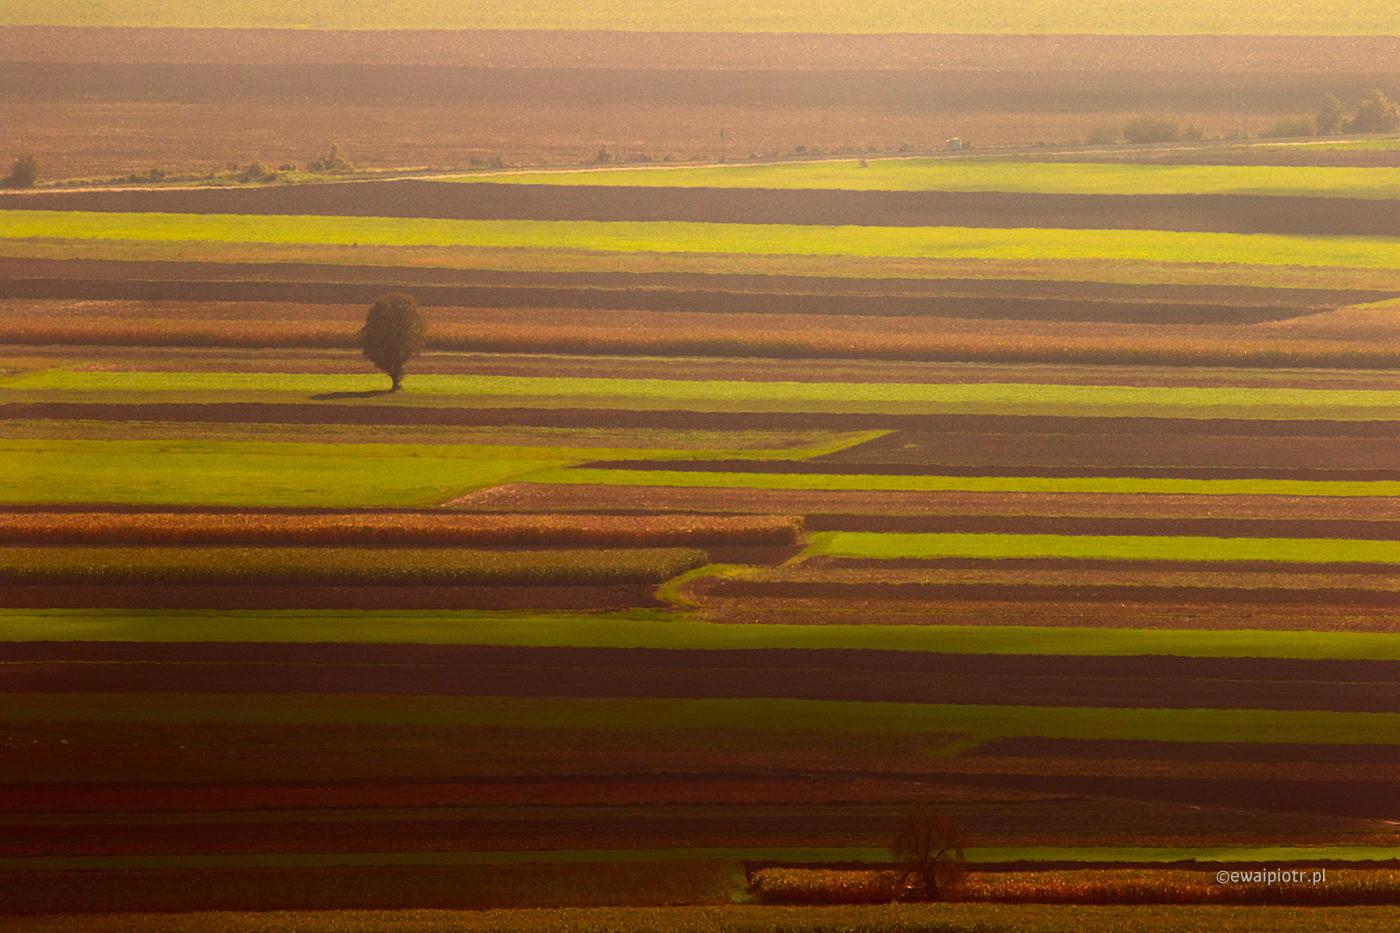 Pasiaste pole, Słowenia, samotne drzewo, kolorowe pasy